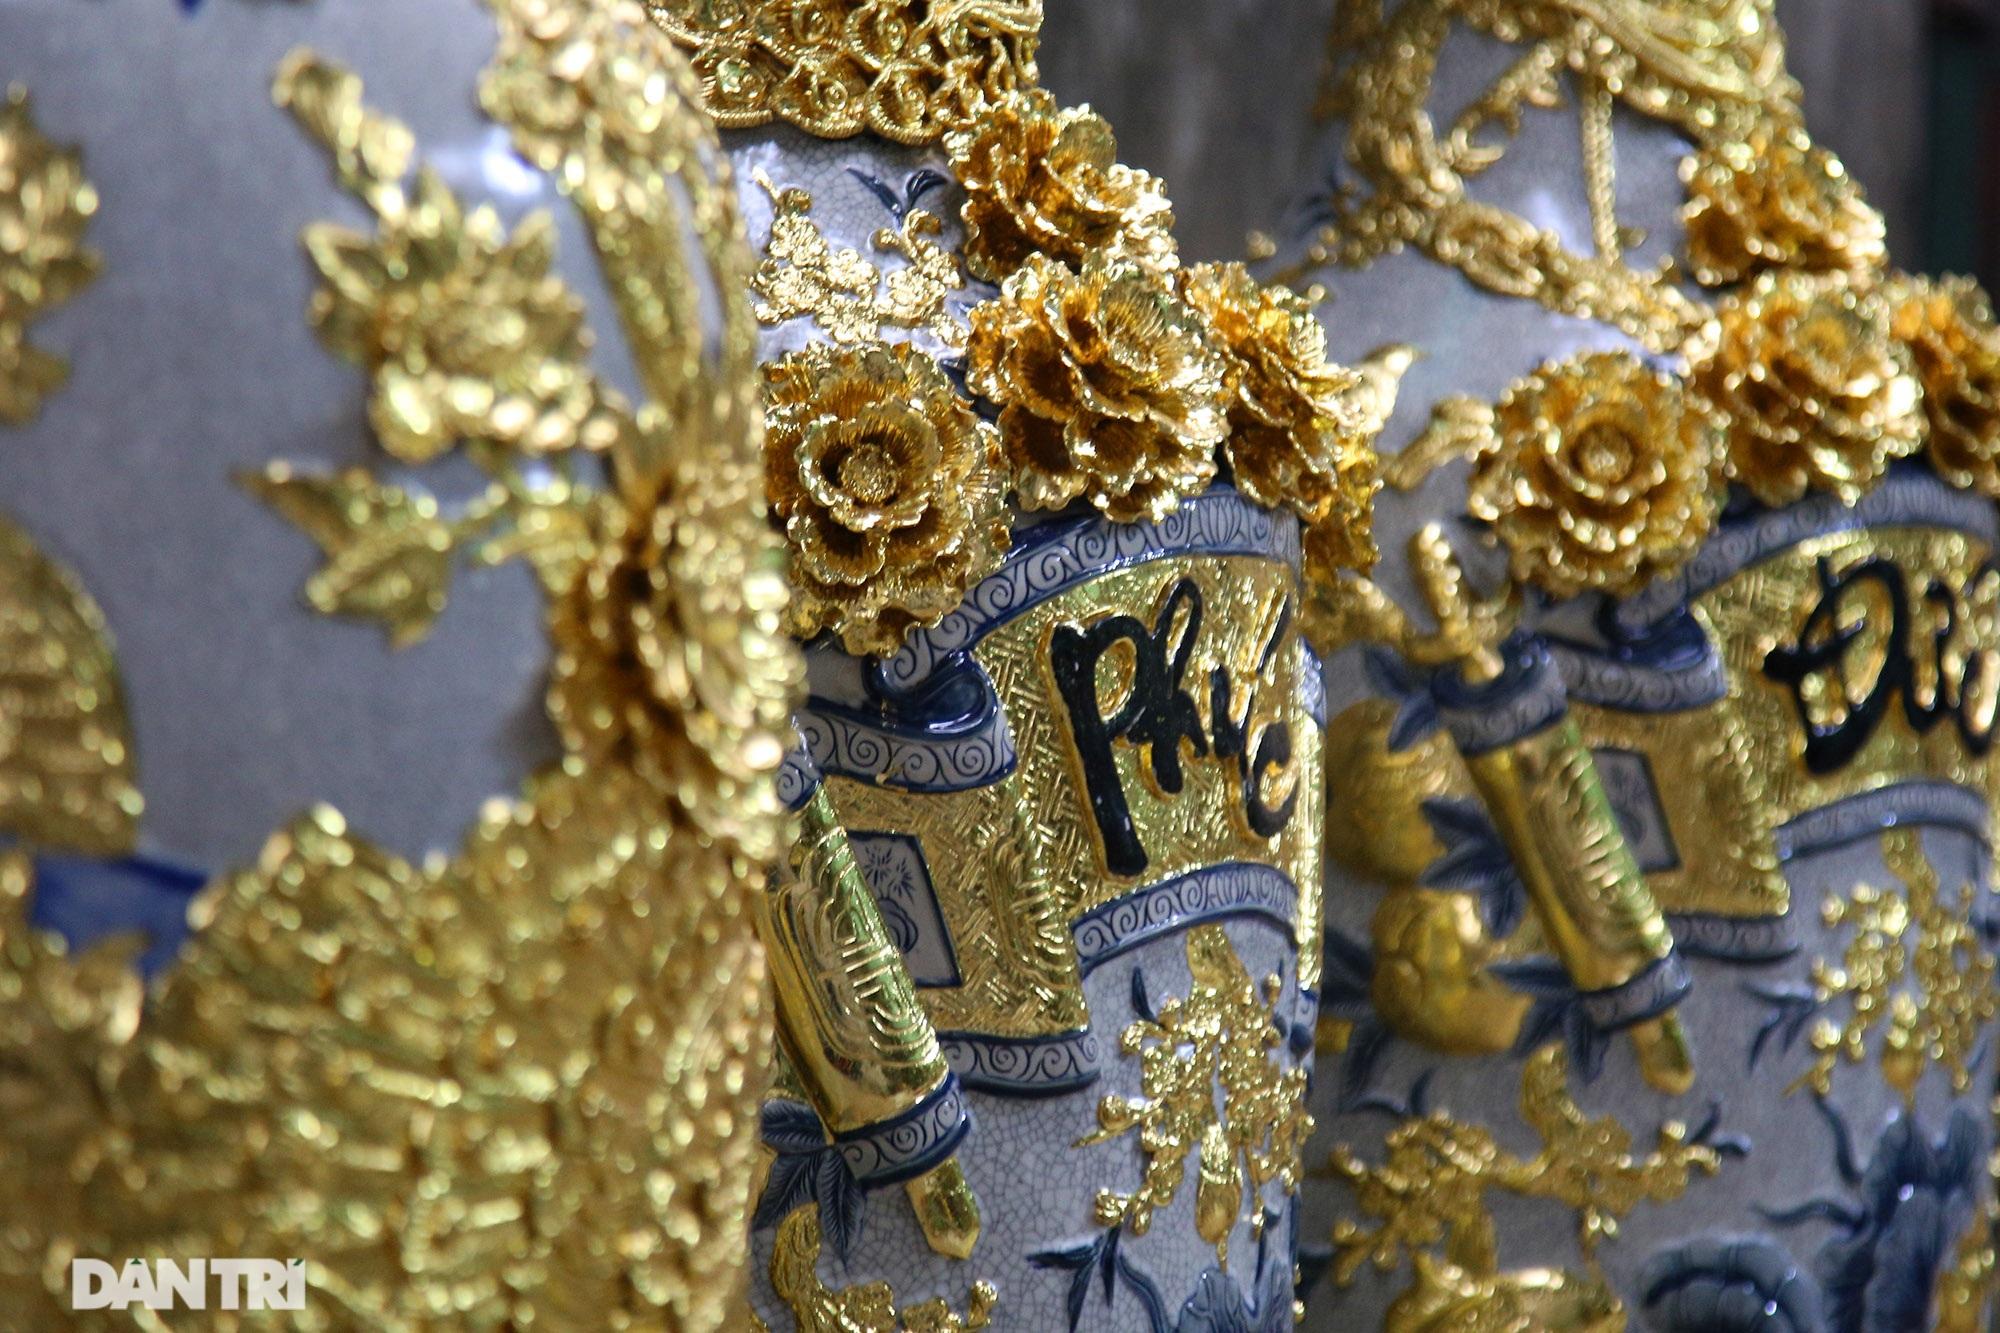 Nghề 300 năm đập vàng mỏng hơn giấy ở Hà Nội được công nhận là Di sản QG - 15